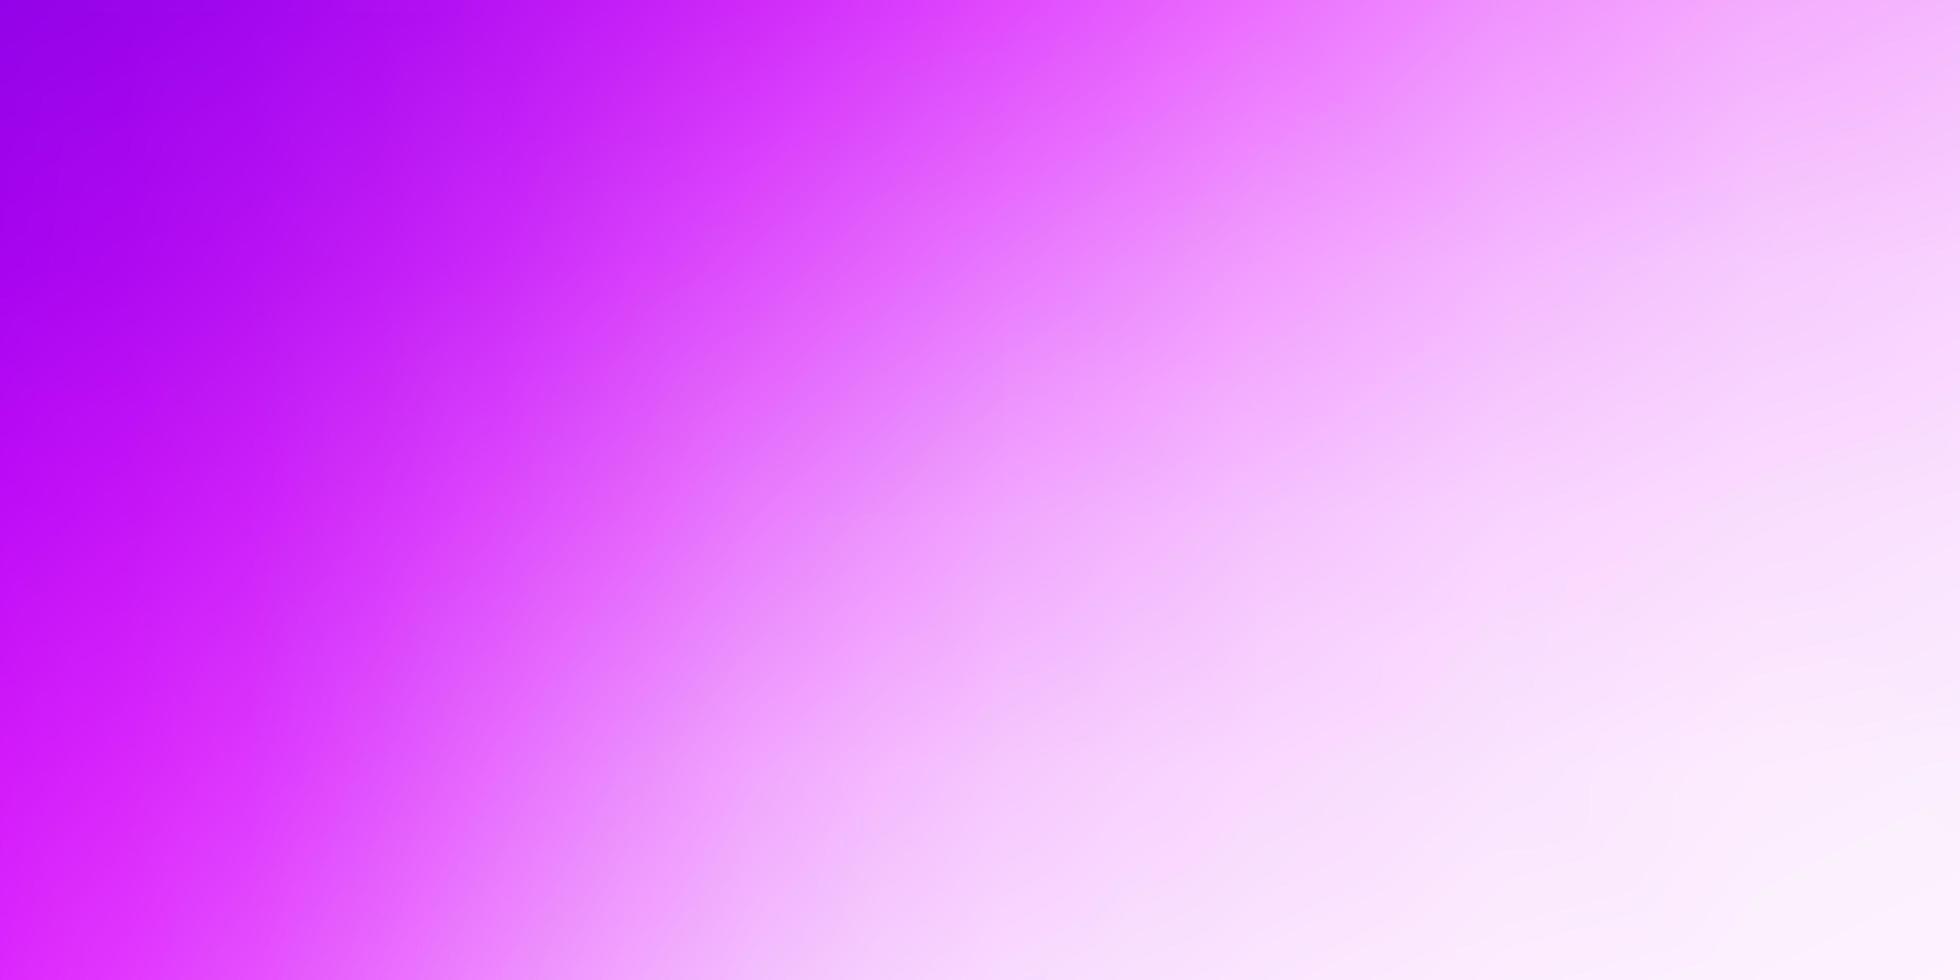 ljusrosa vektor abstrakt suddig bakgrund.